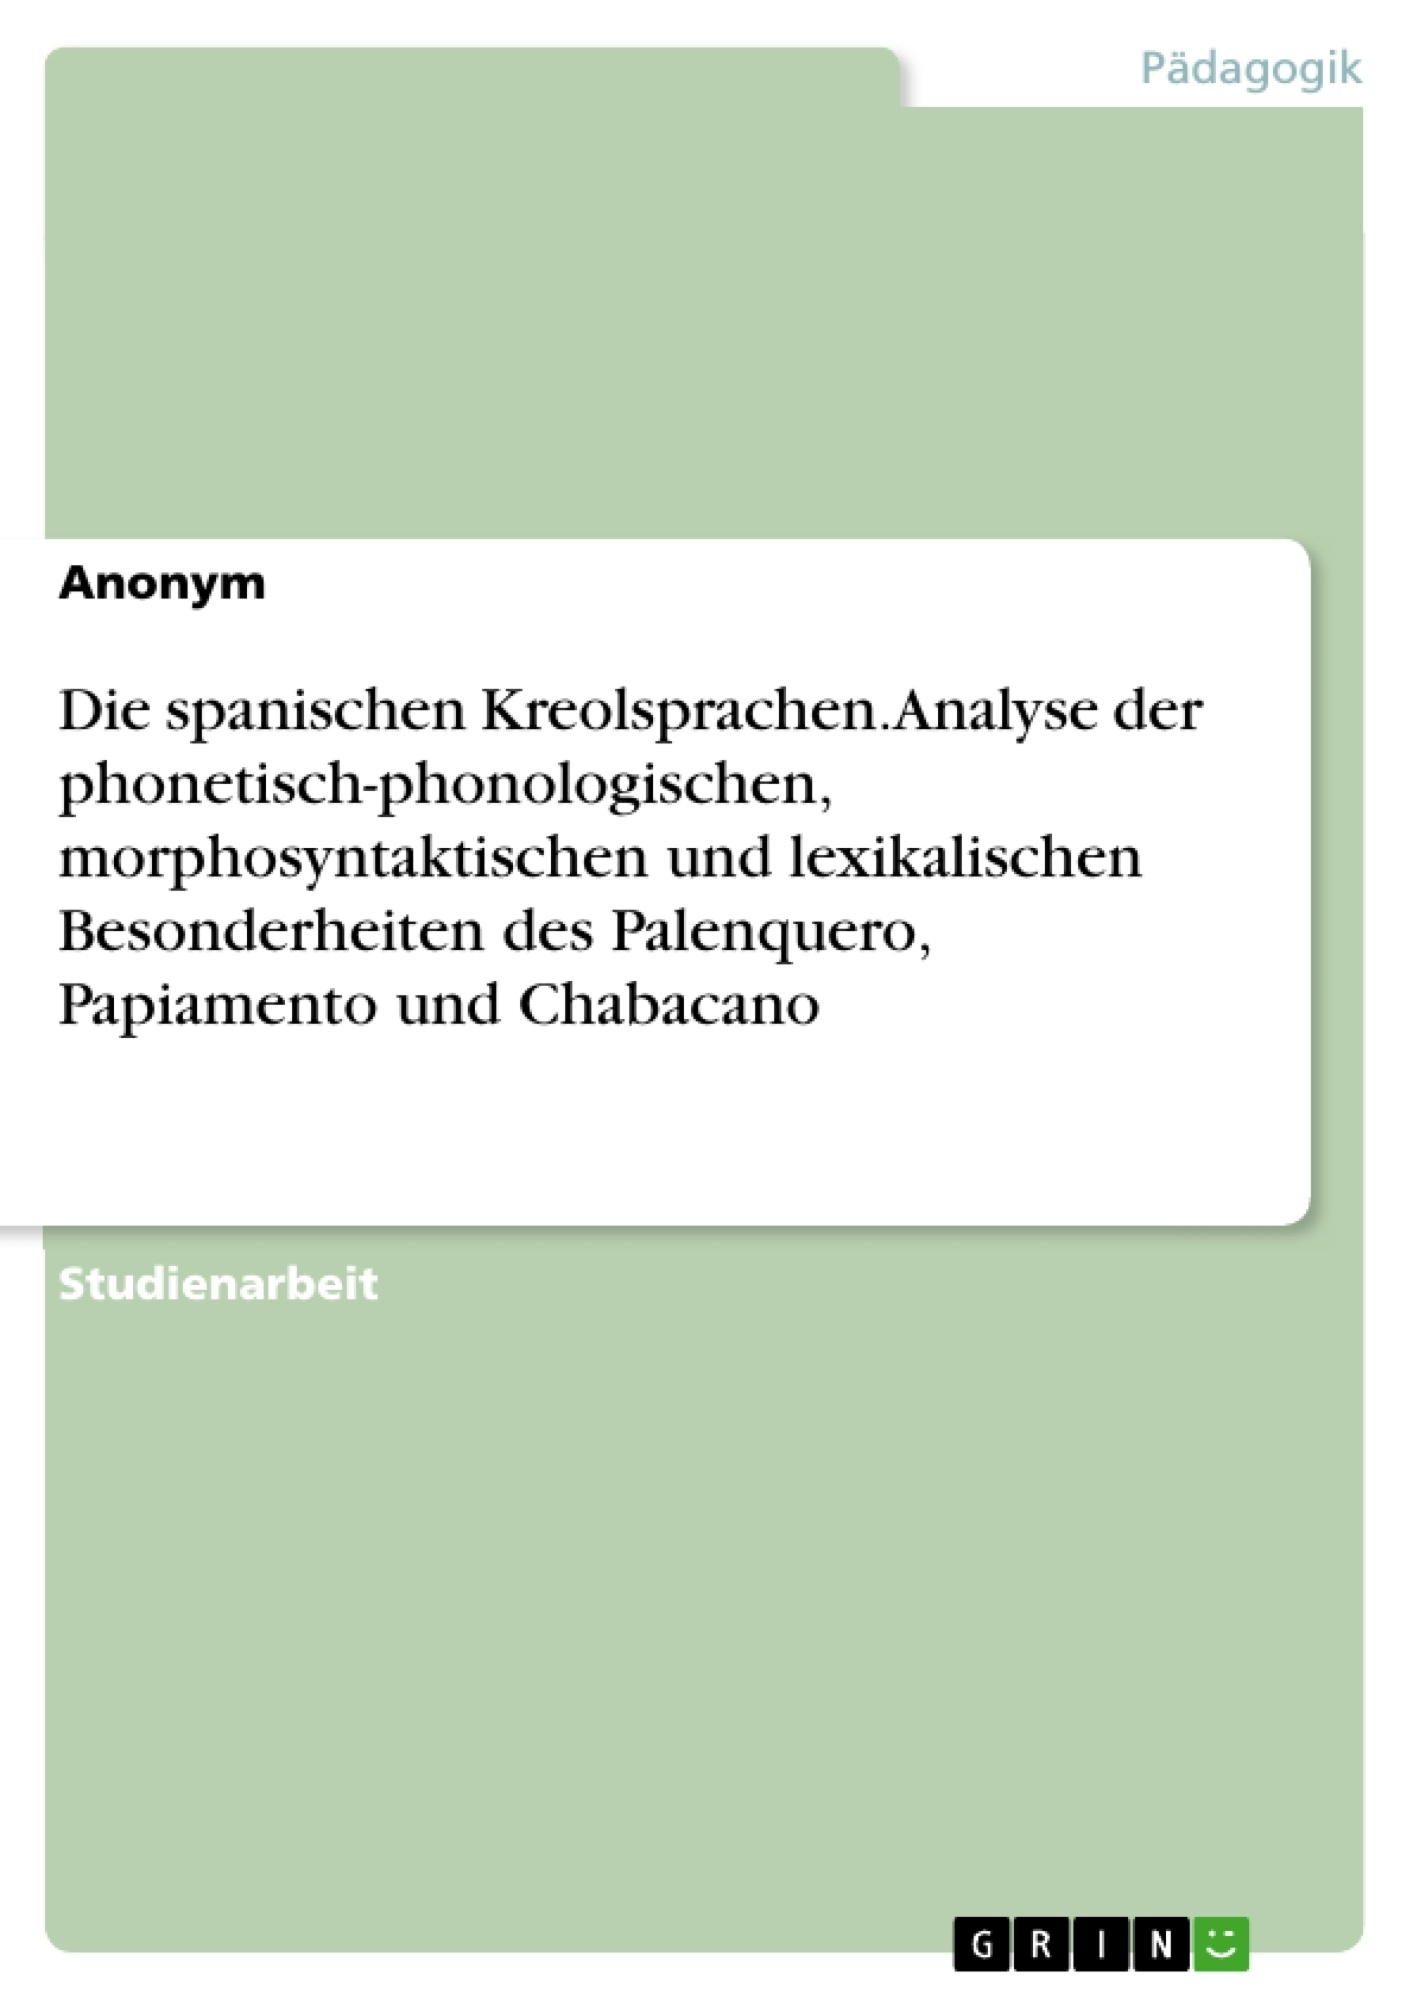 Titel: Die spanischen Kreolsprachen. Analyse der phonetisch-phonologischen, morphosyntaktischen und lexikalischen Besonderheiten des Palenquero, Papiamento und Chabacano